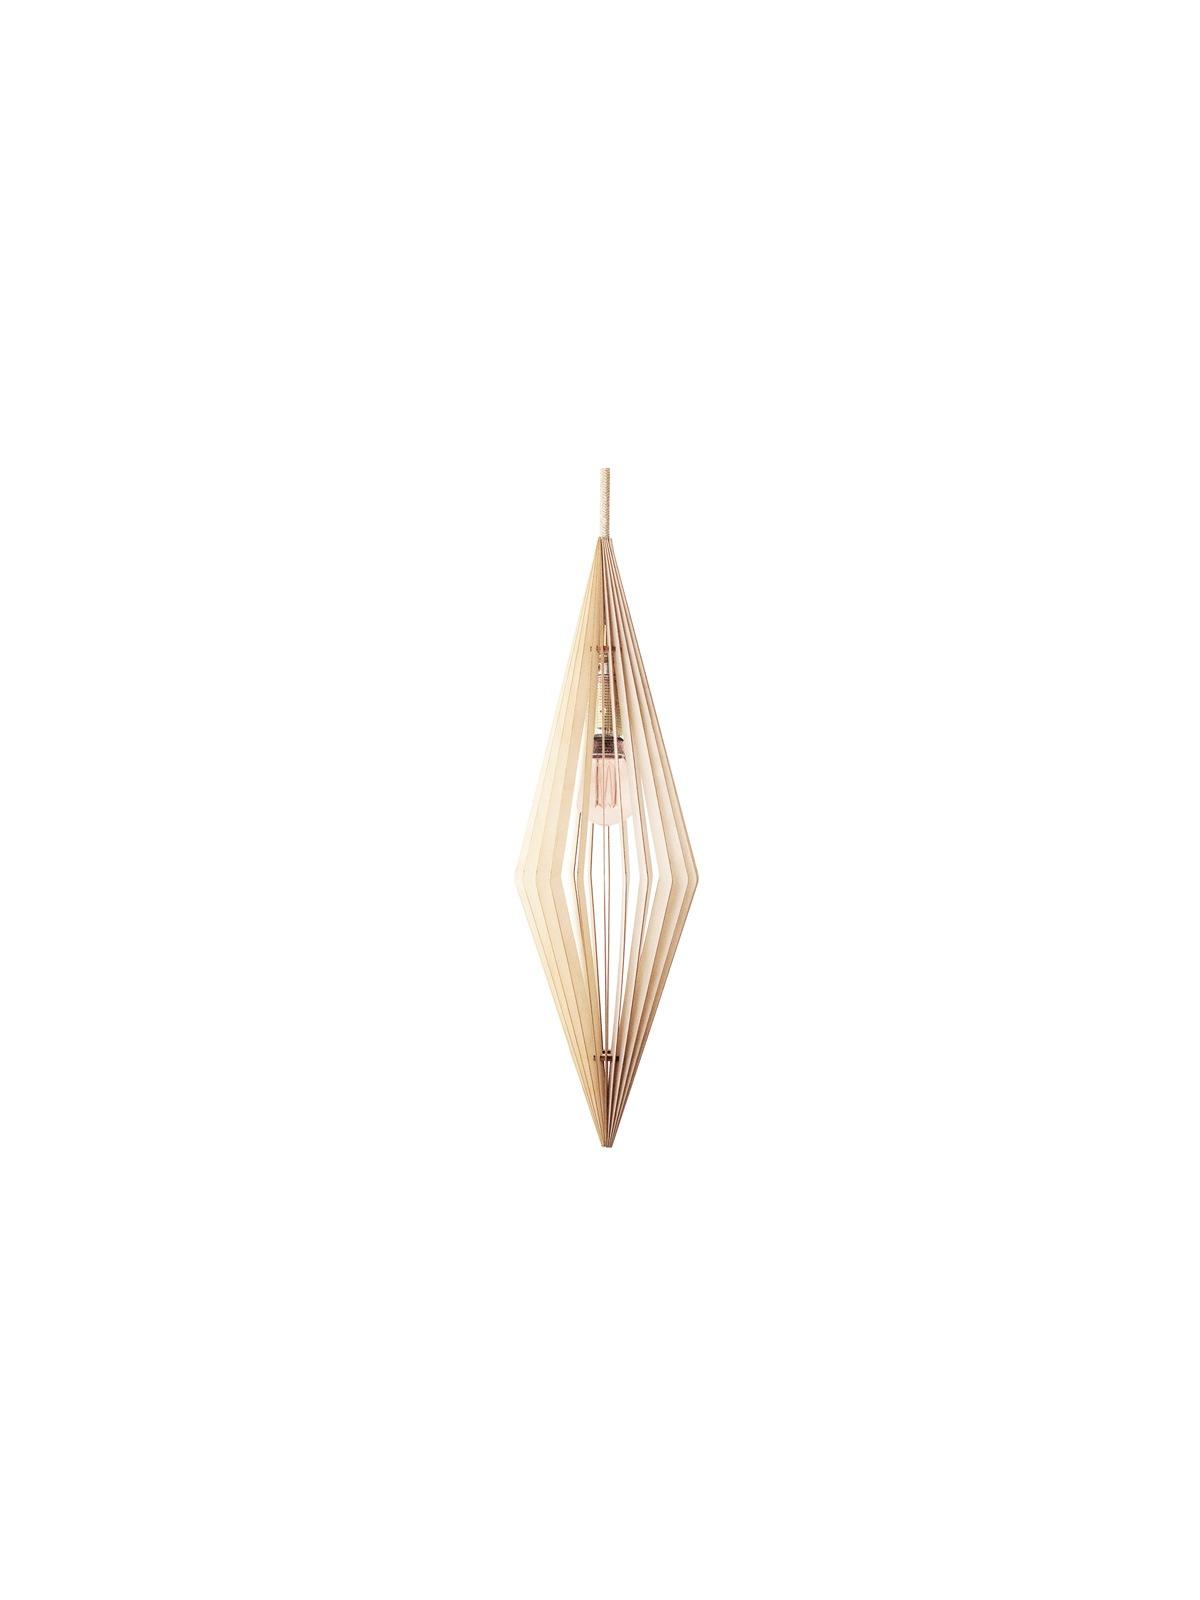 MAERU Diam Pendel Leuchte Holz Designort Licht Leuchten Berlin Onlineshop